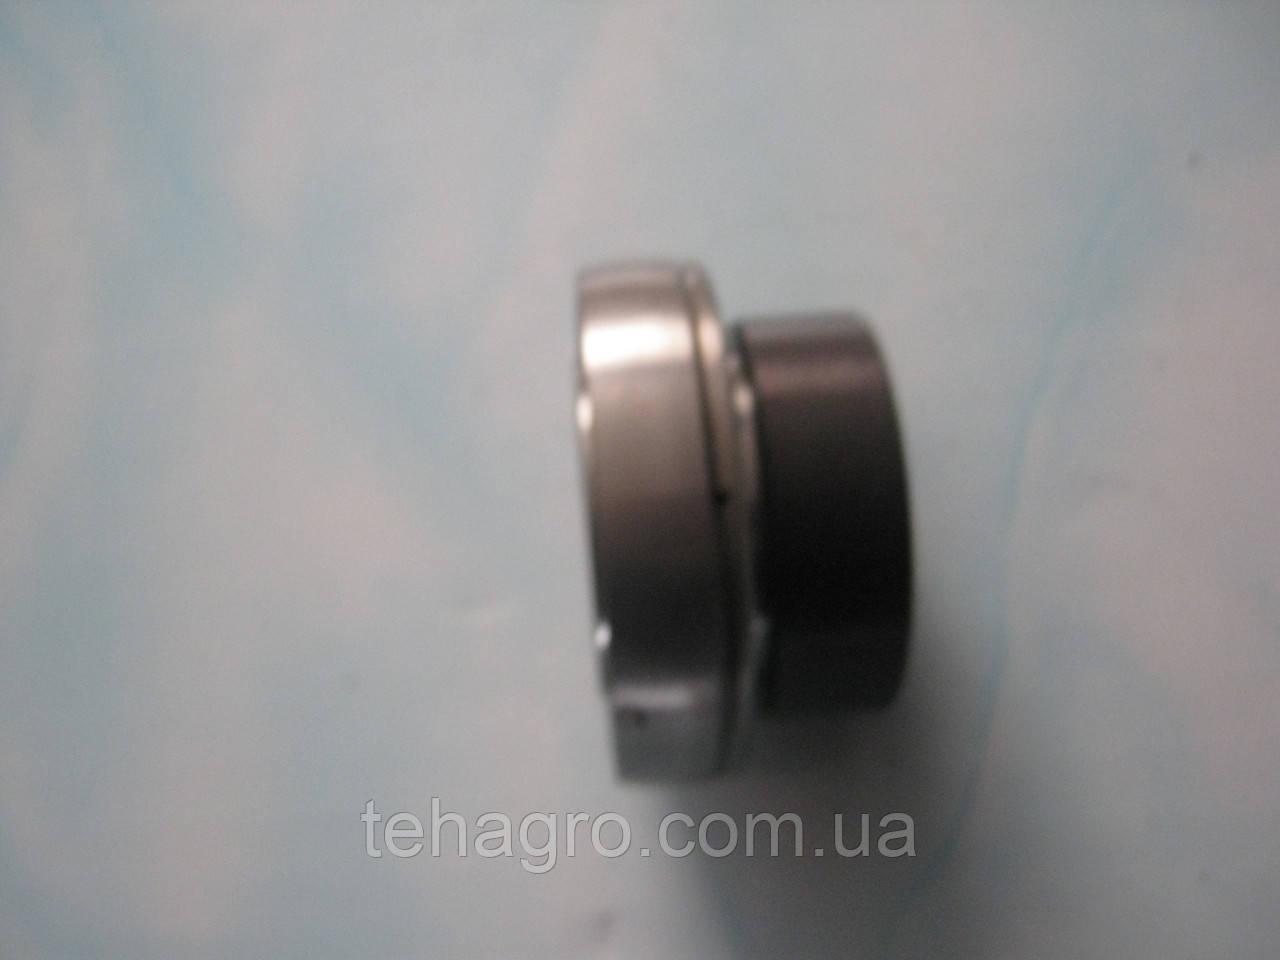 Подшипник SA 207 (EC 207 дистанционное кольцо ) (CX)